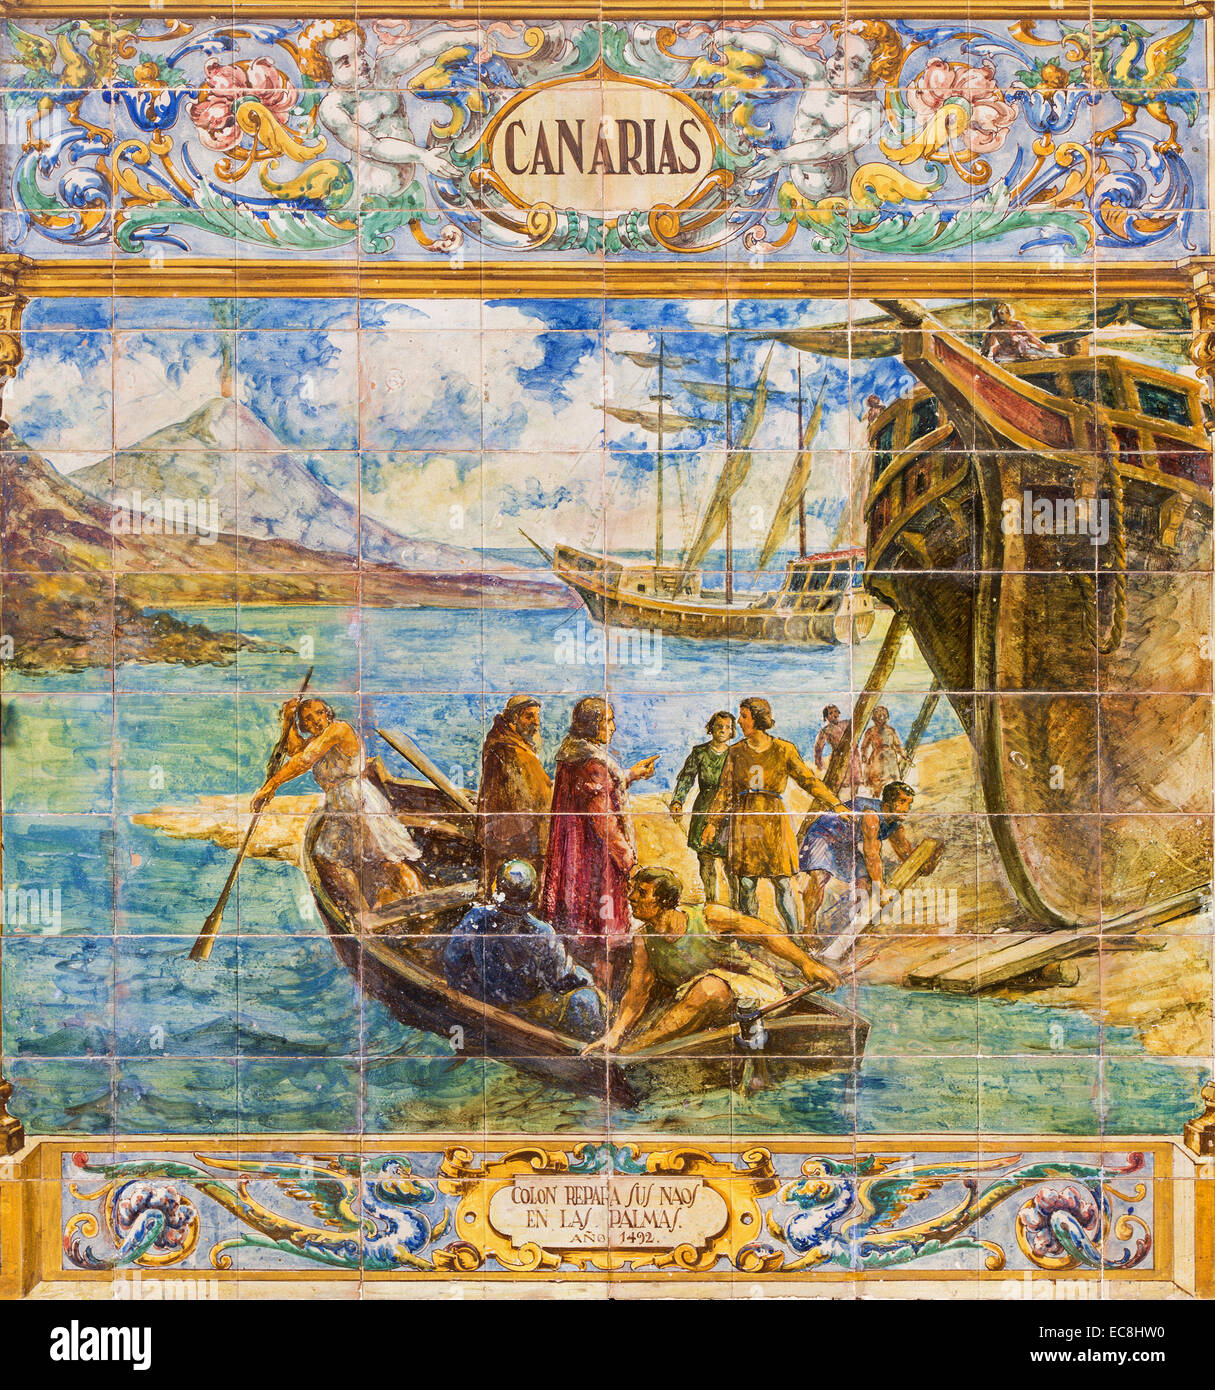 """Sevilla - Canarias als einem gefliesten """"Provinz-Nischen"""" entlang der Wände von der Plaza de Espana Stockbild"""